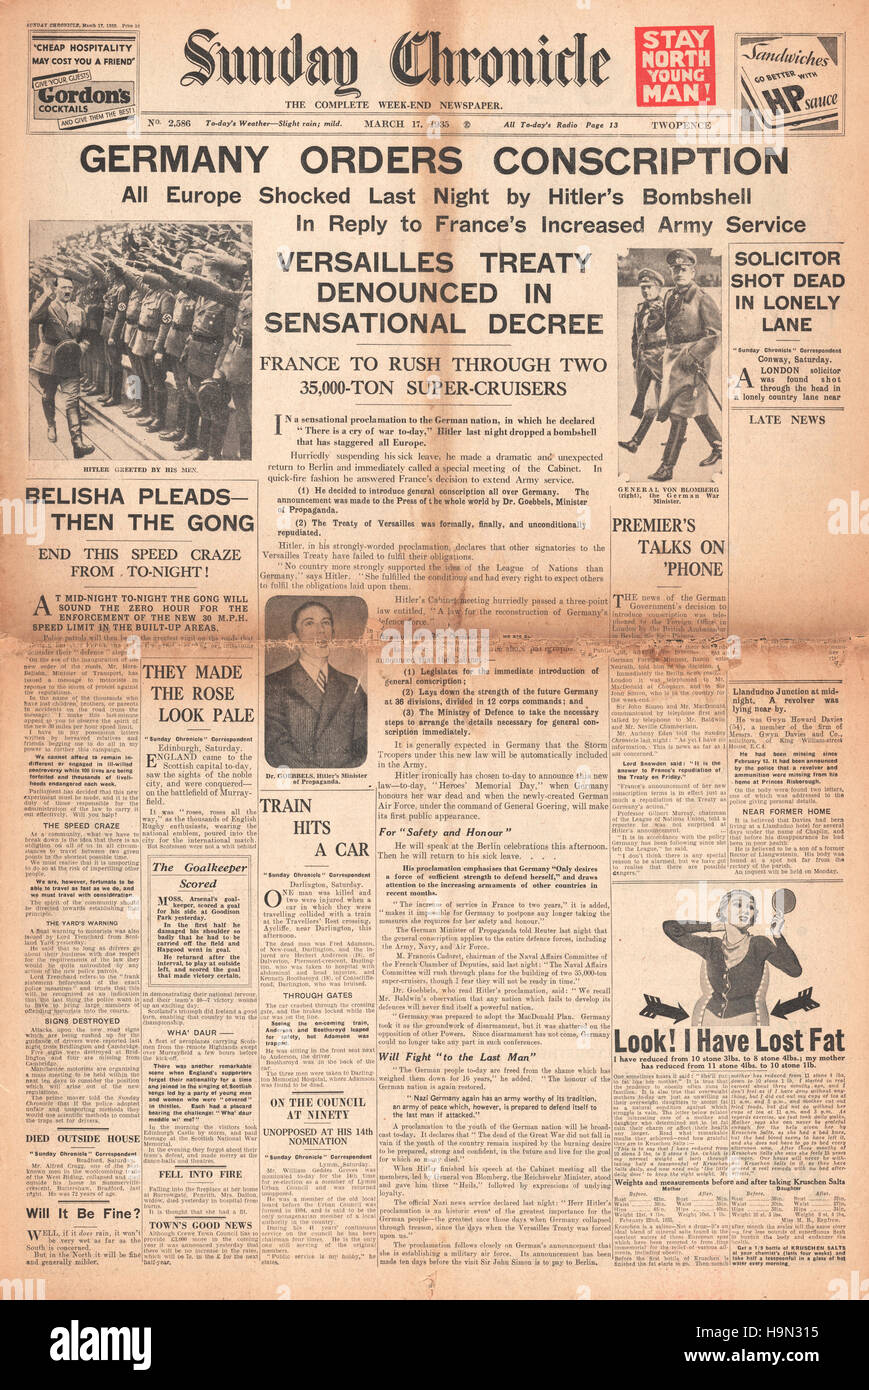 1935 Sonntag Chronik Deutschland Bestellt Wehrpflicht Und Adolf